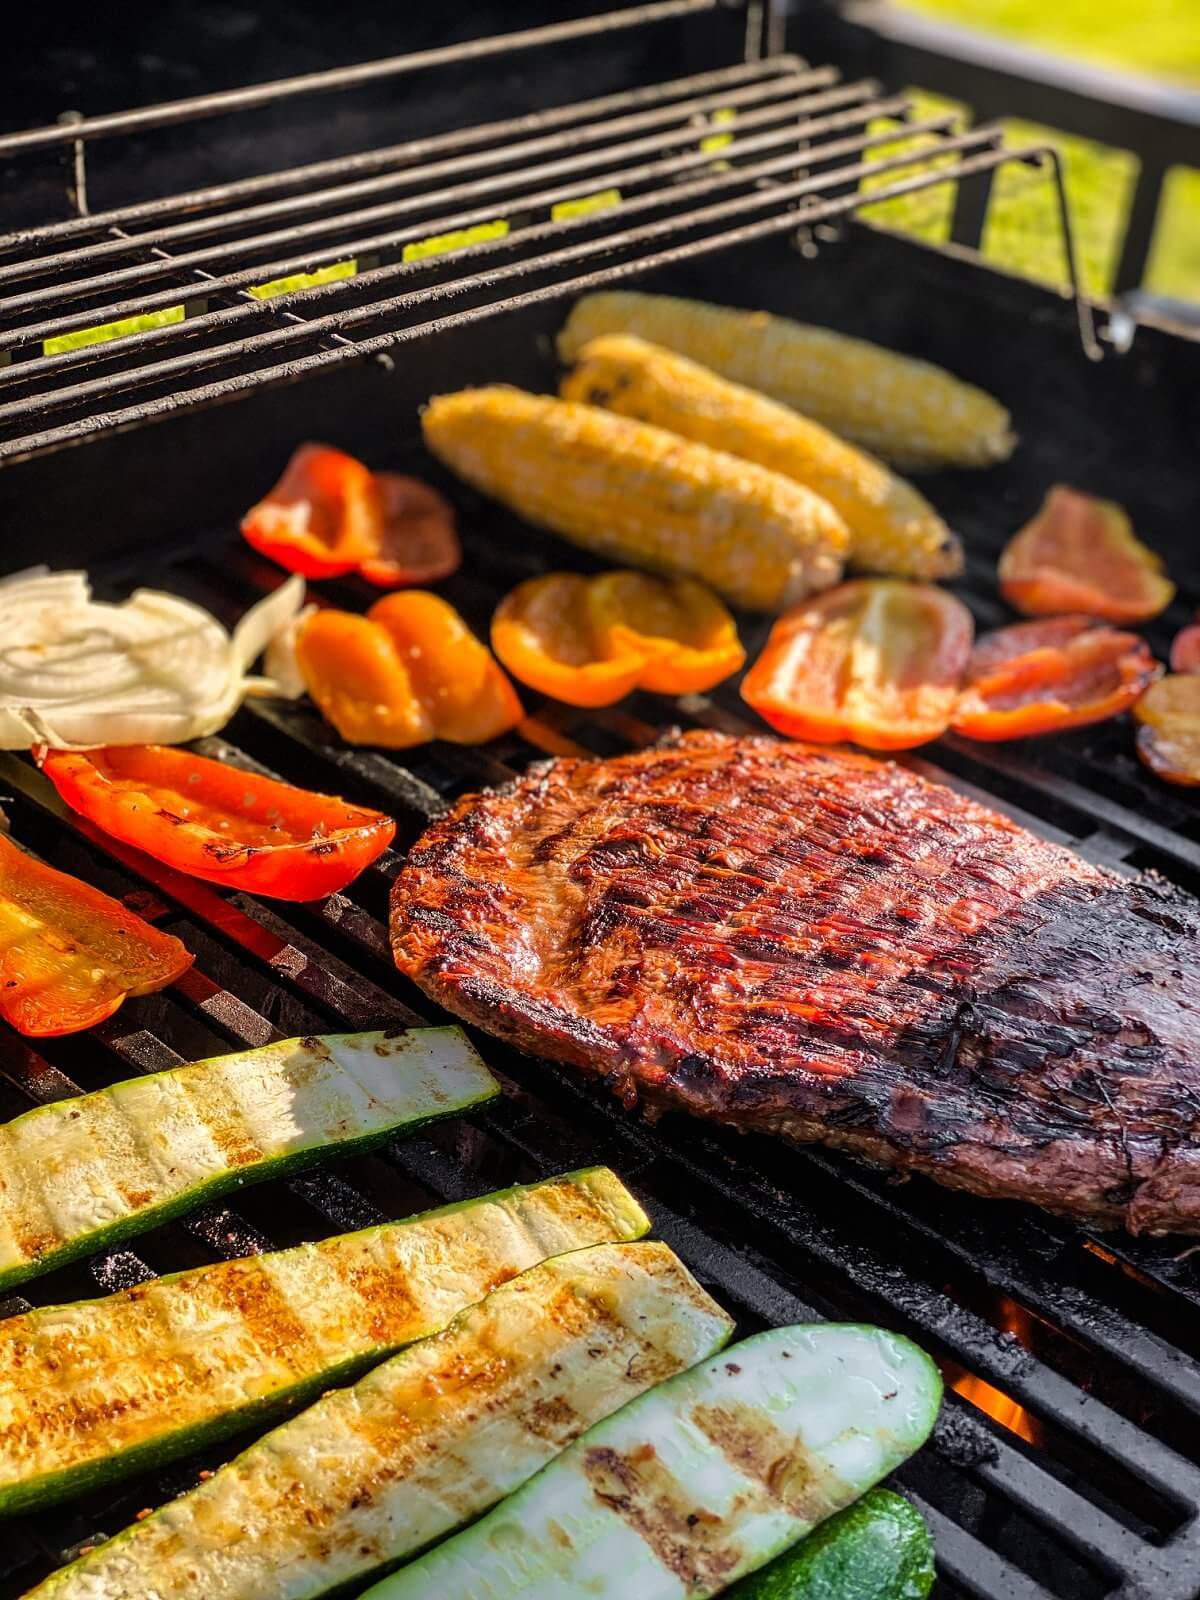 Grilled Teriyaki Beef and Vegetables